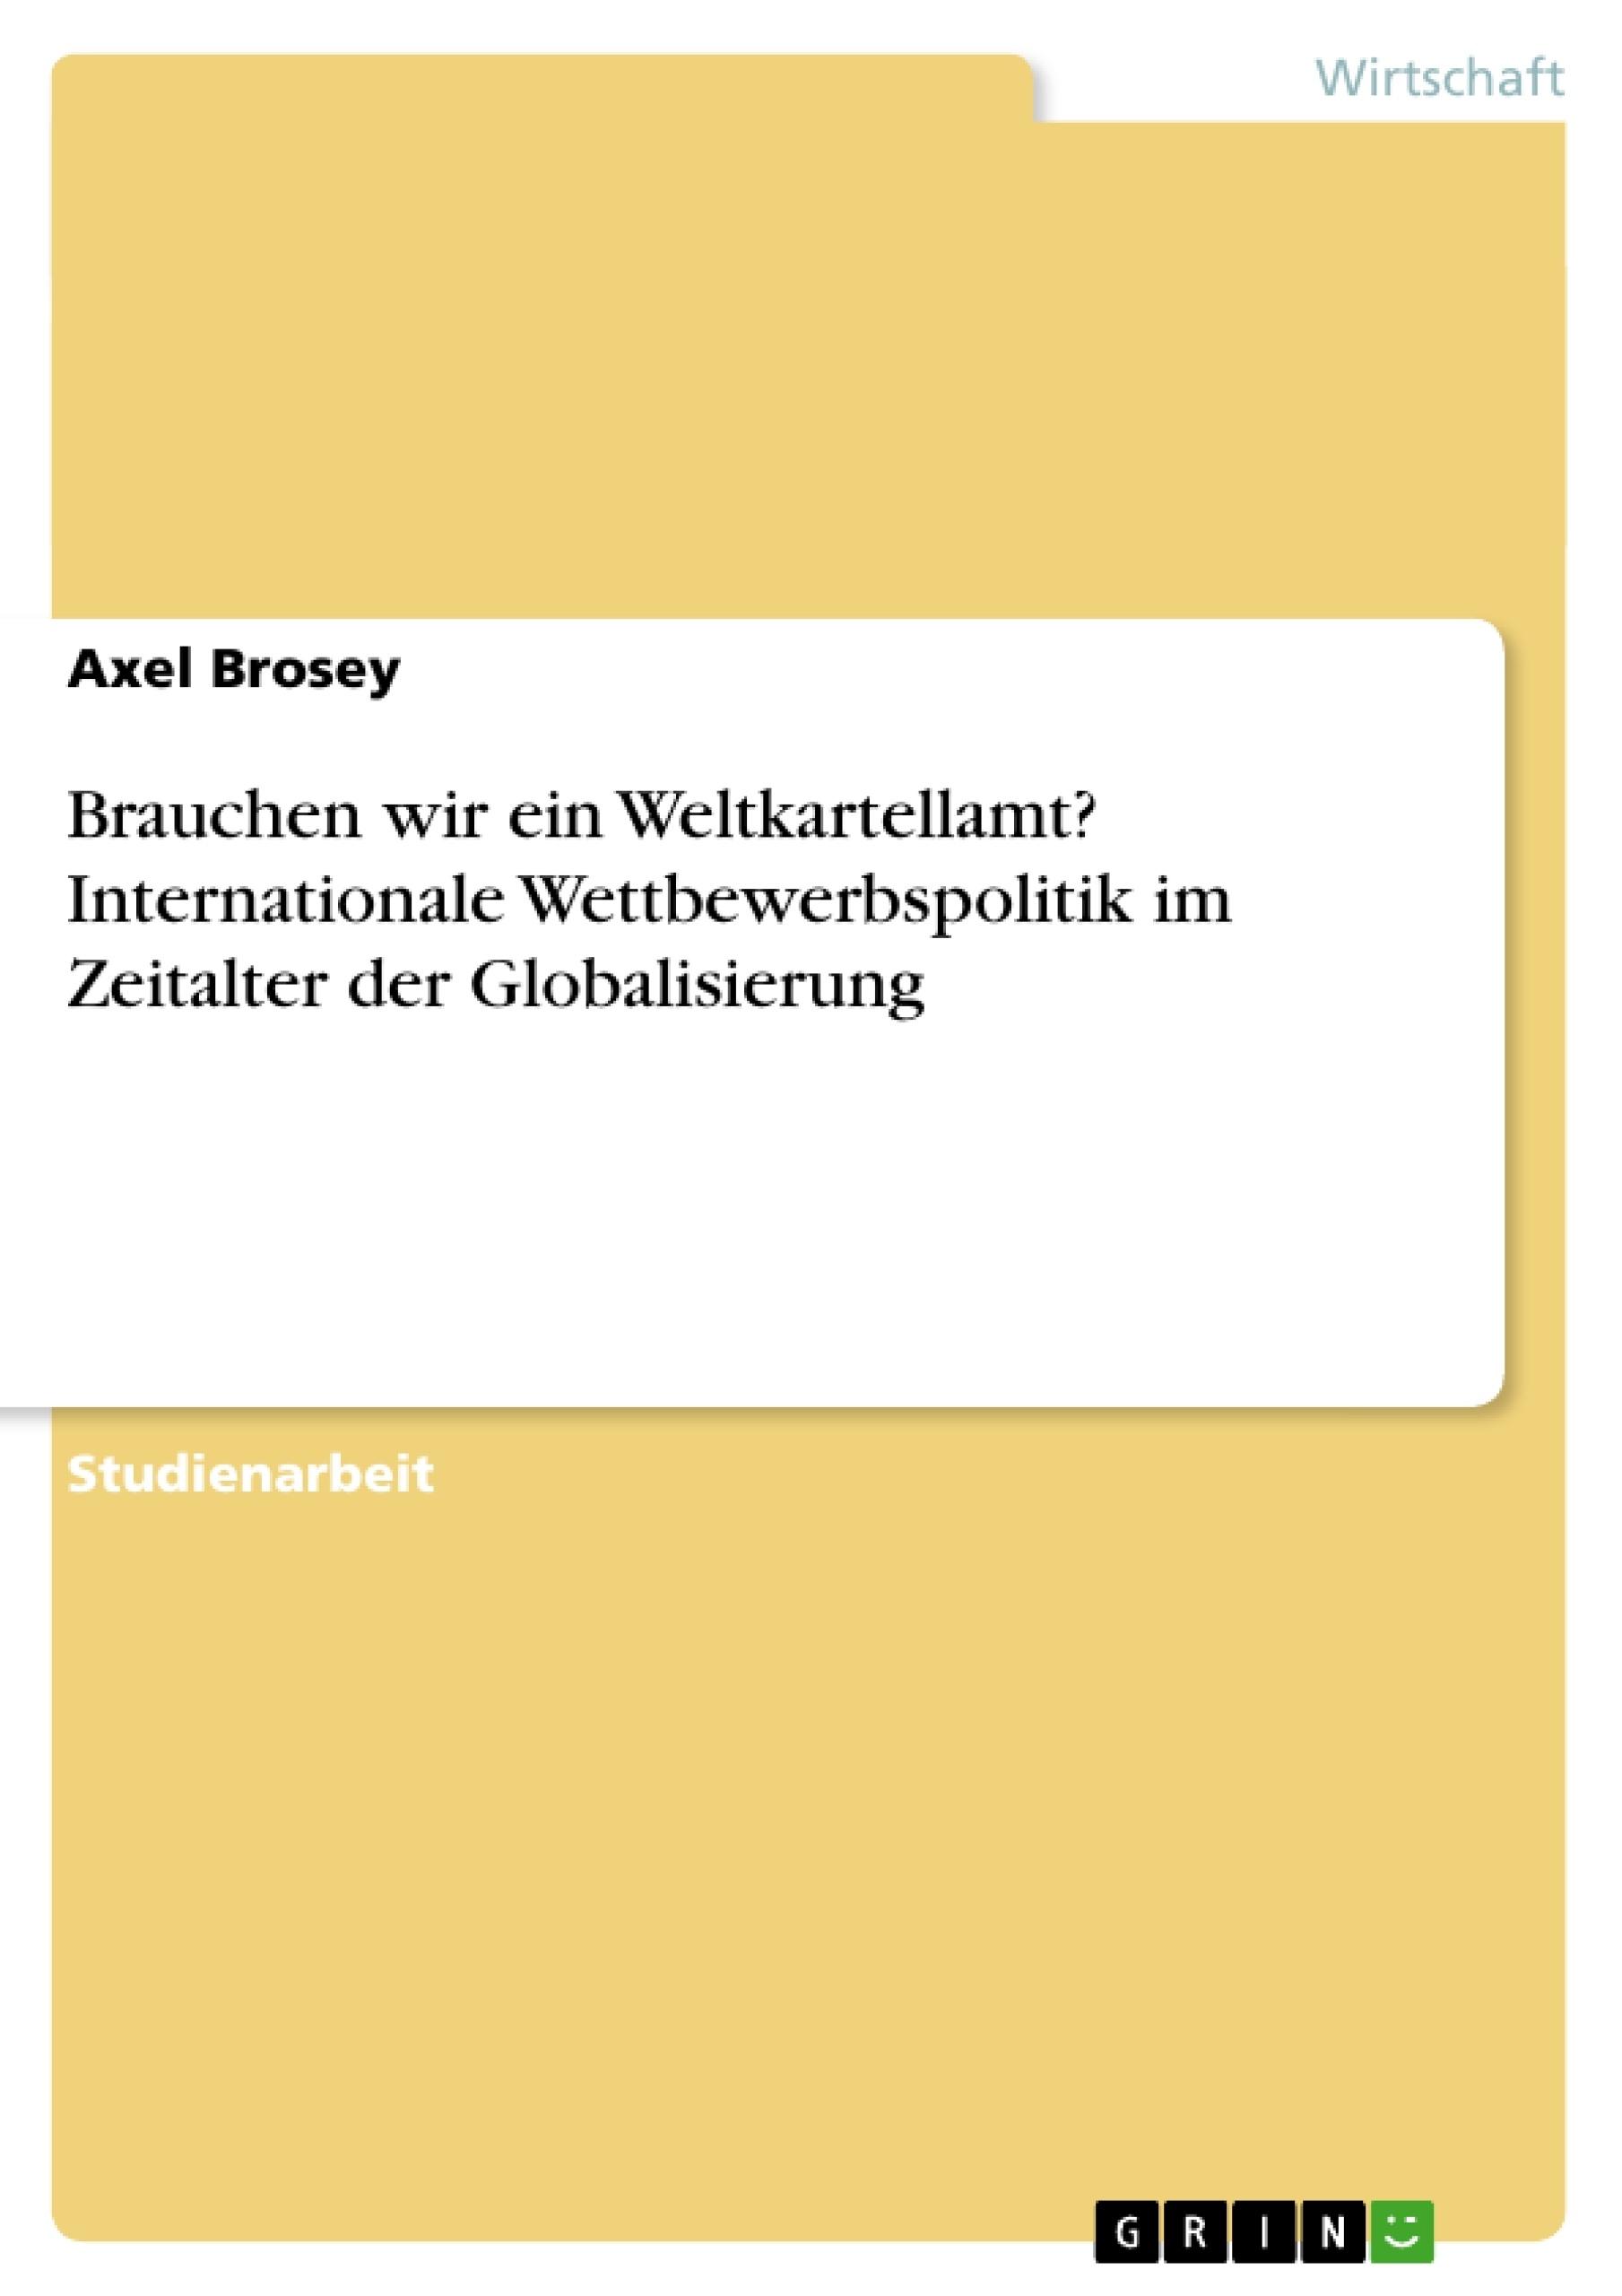 Titel: Brauchen wir ein Weltkartellamt? Internationale Wettbewerbspolitik im Zeitalter der Globalisierung